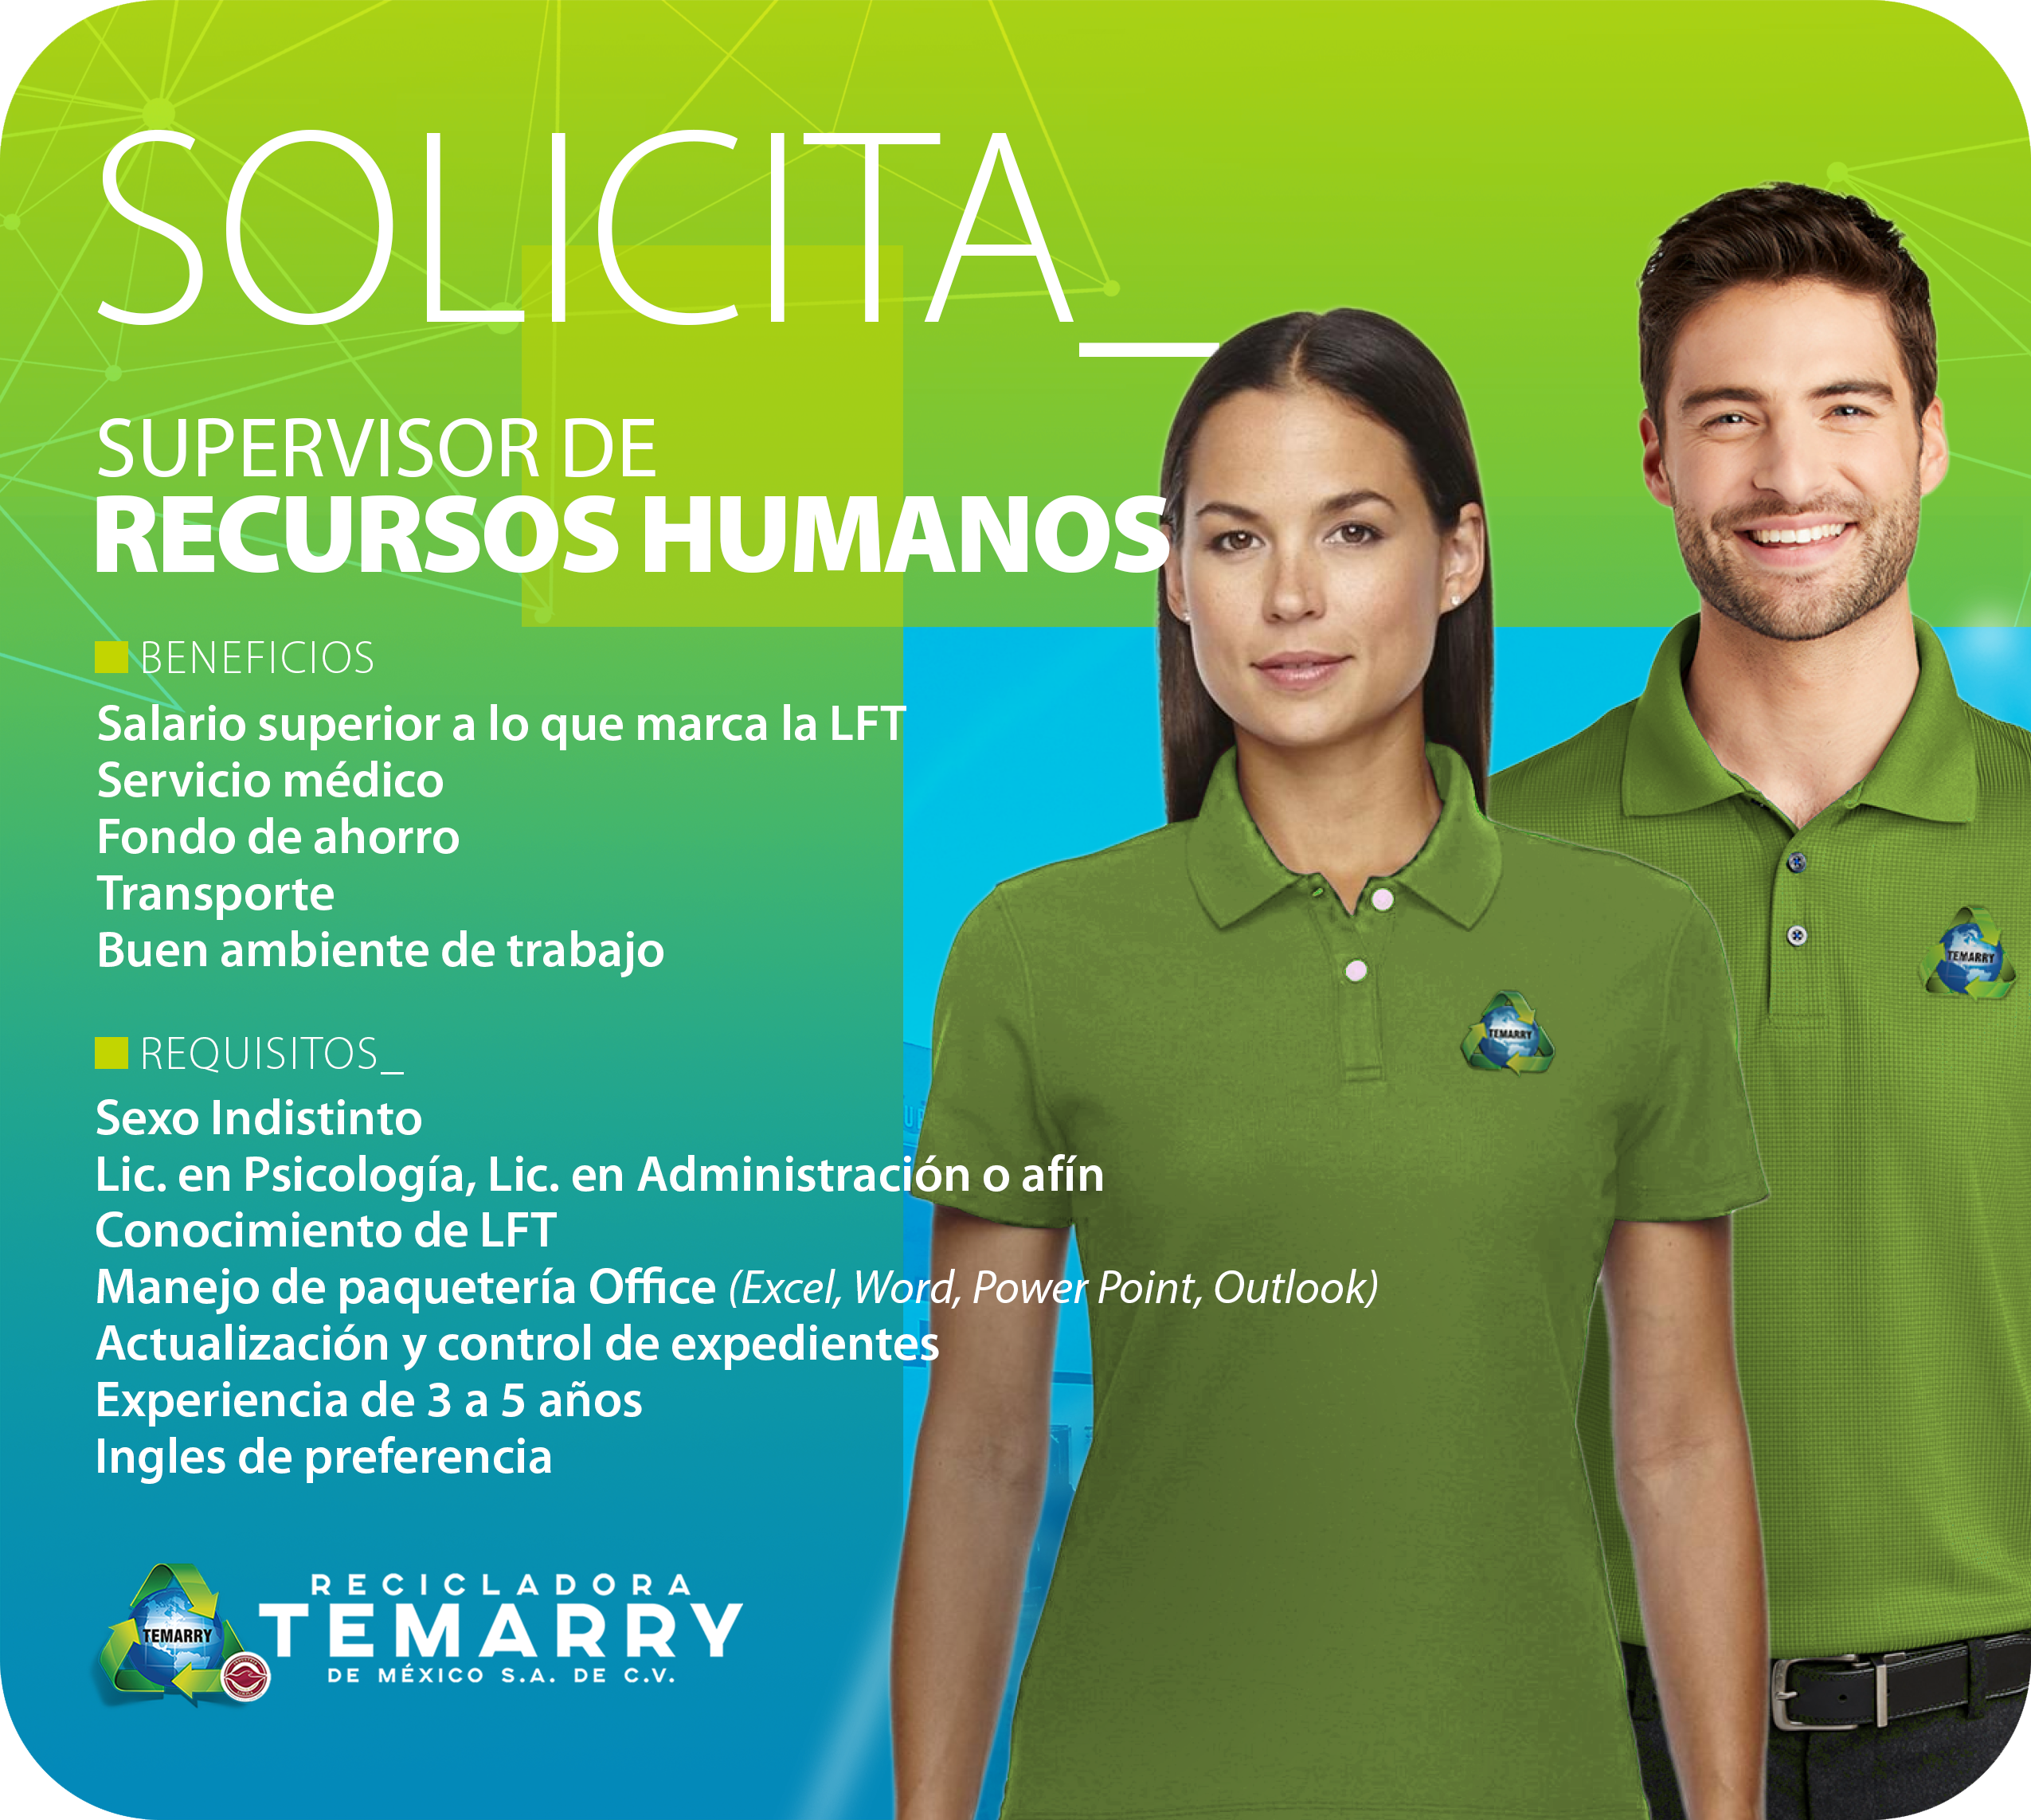 Supervisor de Recursos Humanos